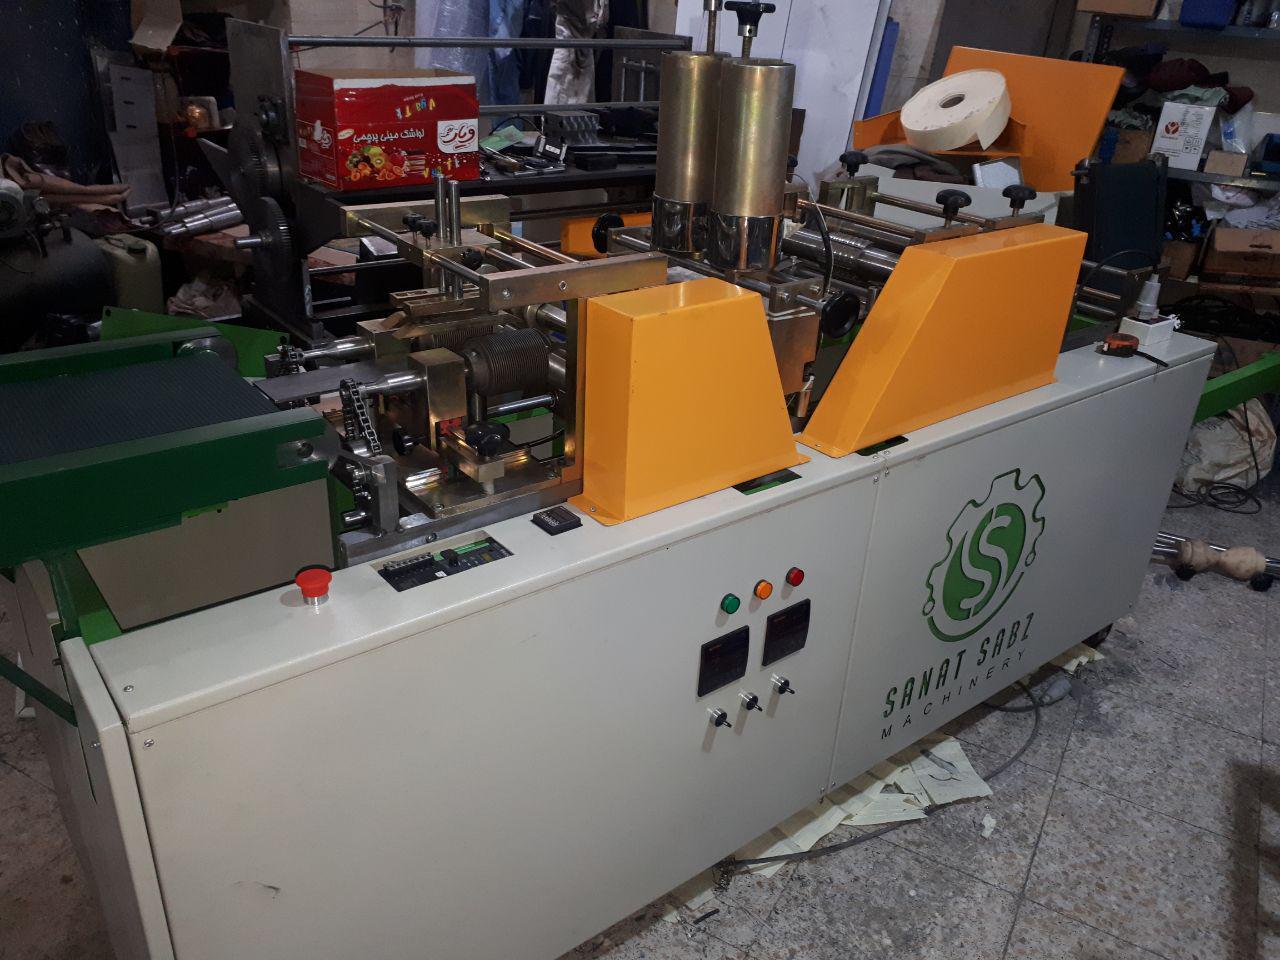 ماشین سازی صنعتگران سبز                <br/><br/>ساخت خط تولید اتوماتیک تزریق فوم ودستگاه کاغذ چین کن اتوماتیک مخصوص تولید فیلتر هوای( سبک و سنگی industry industrial-machinery industrial-machinery